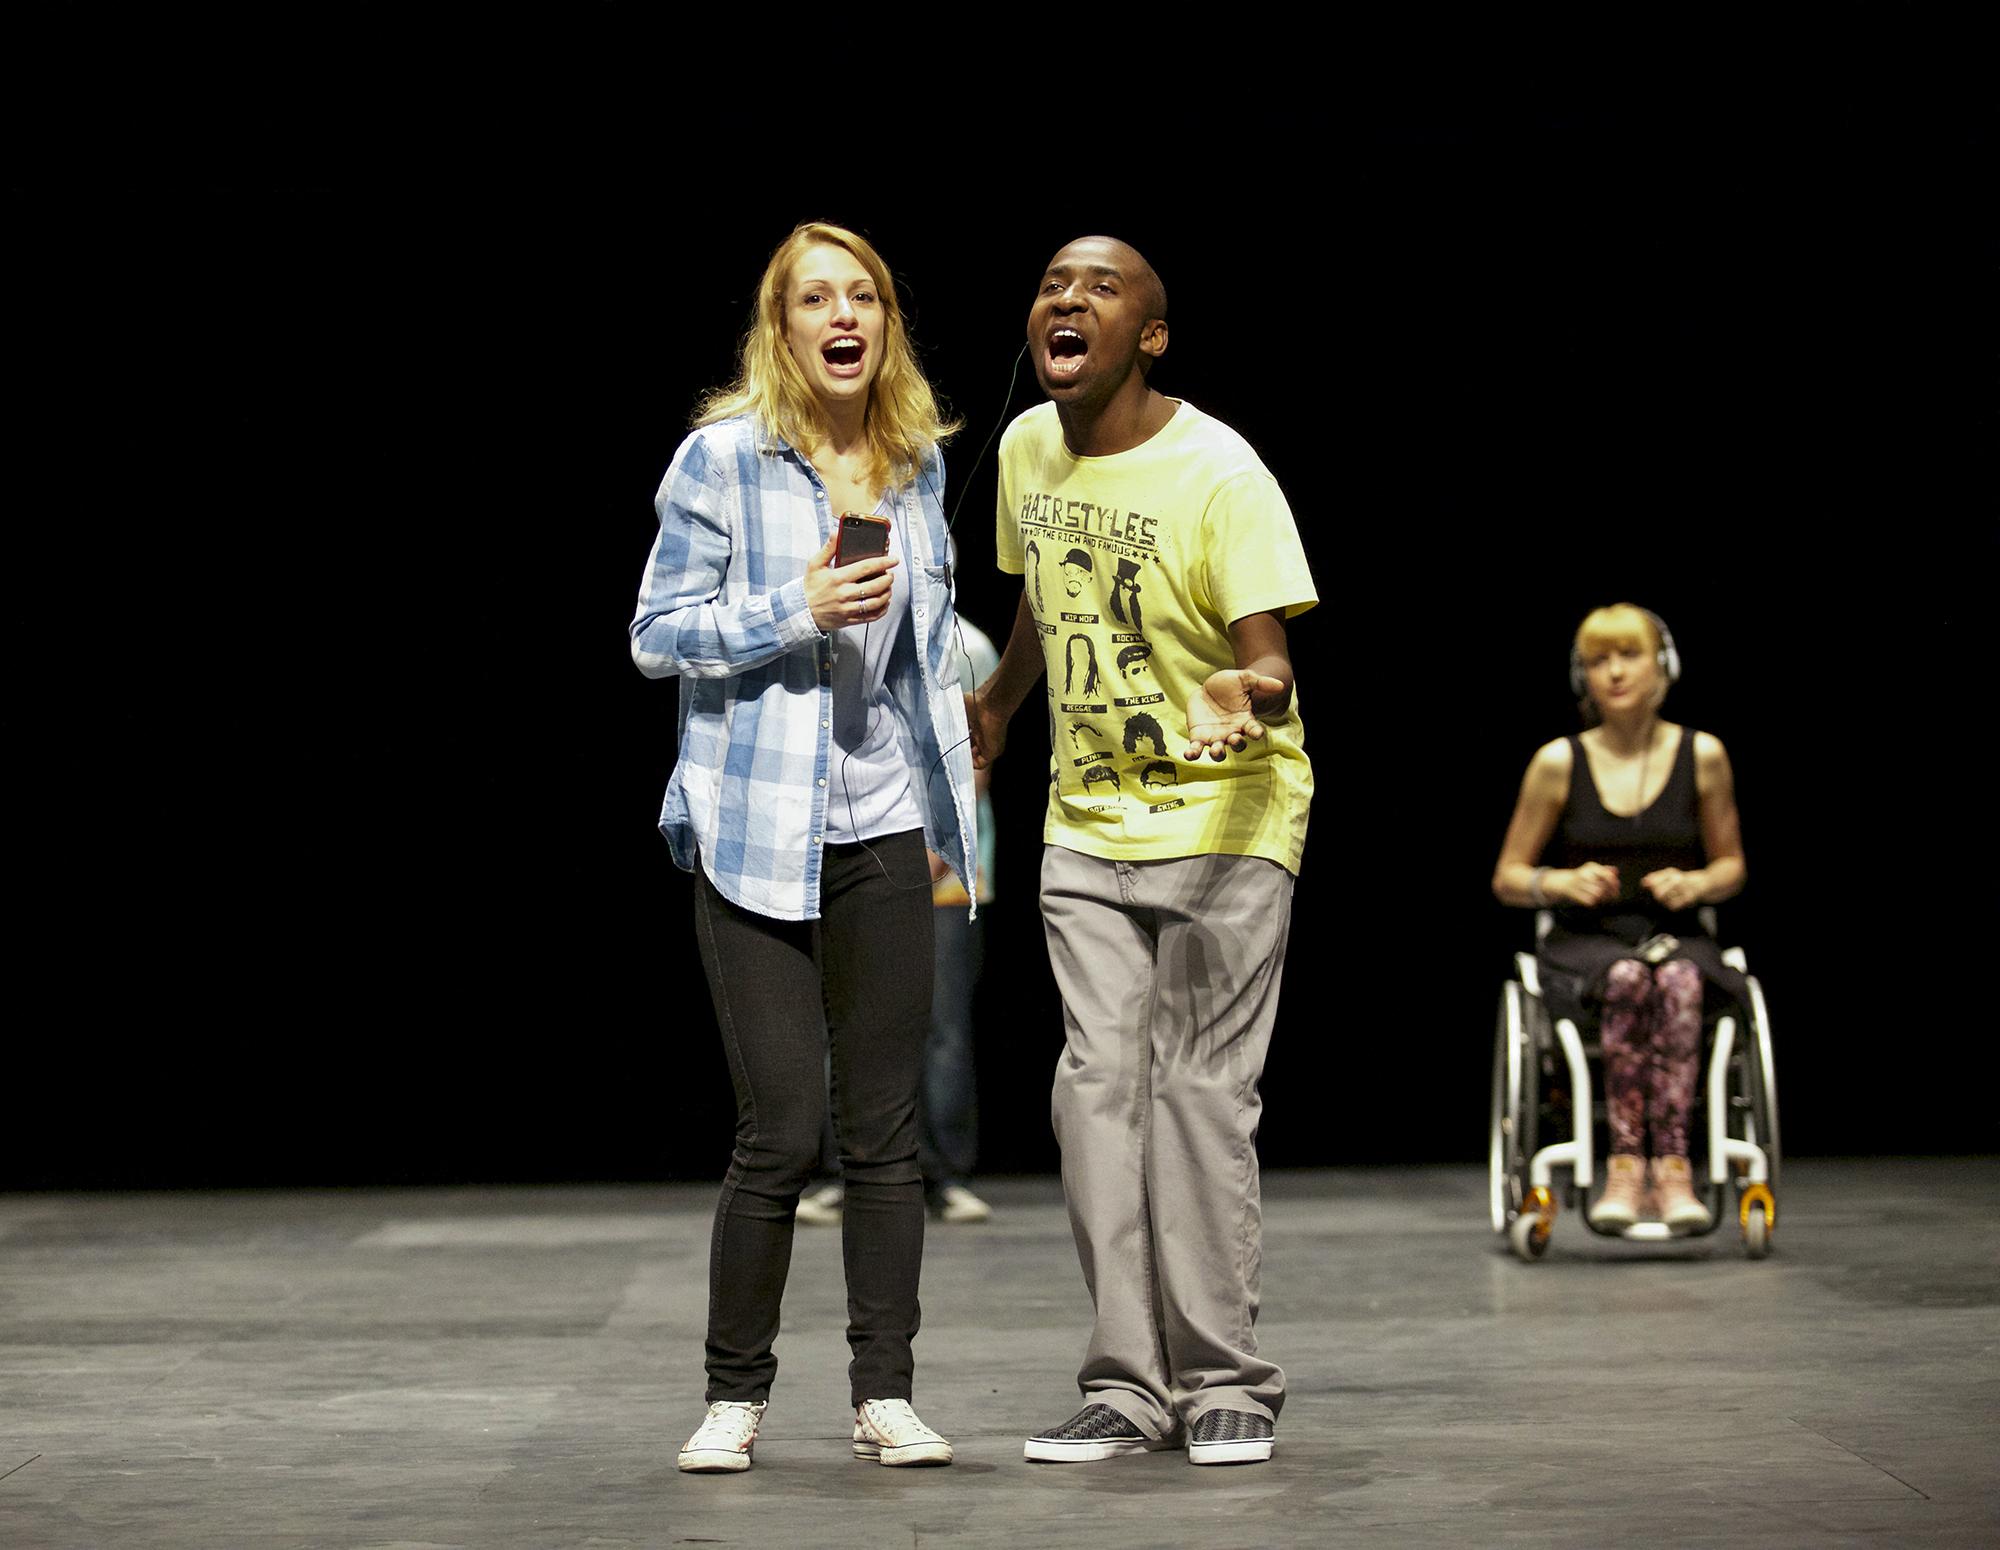 British rencontres handicap spectacle escroqueries de texte de site de rencontre